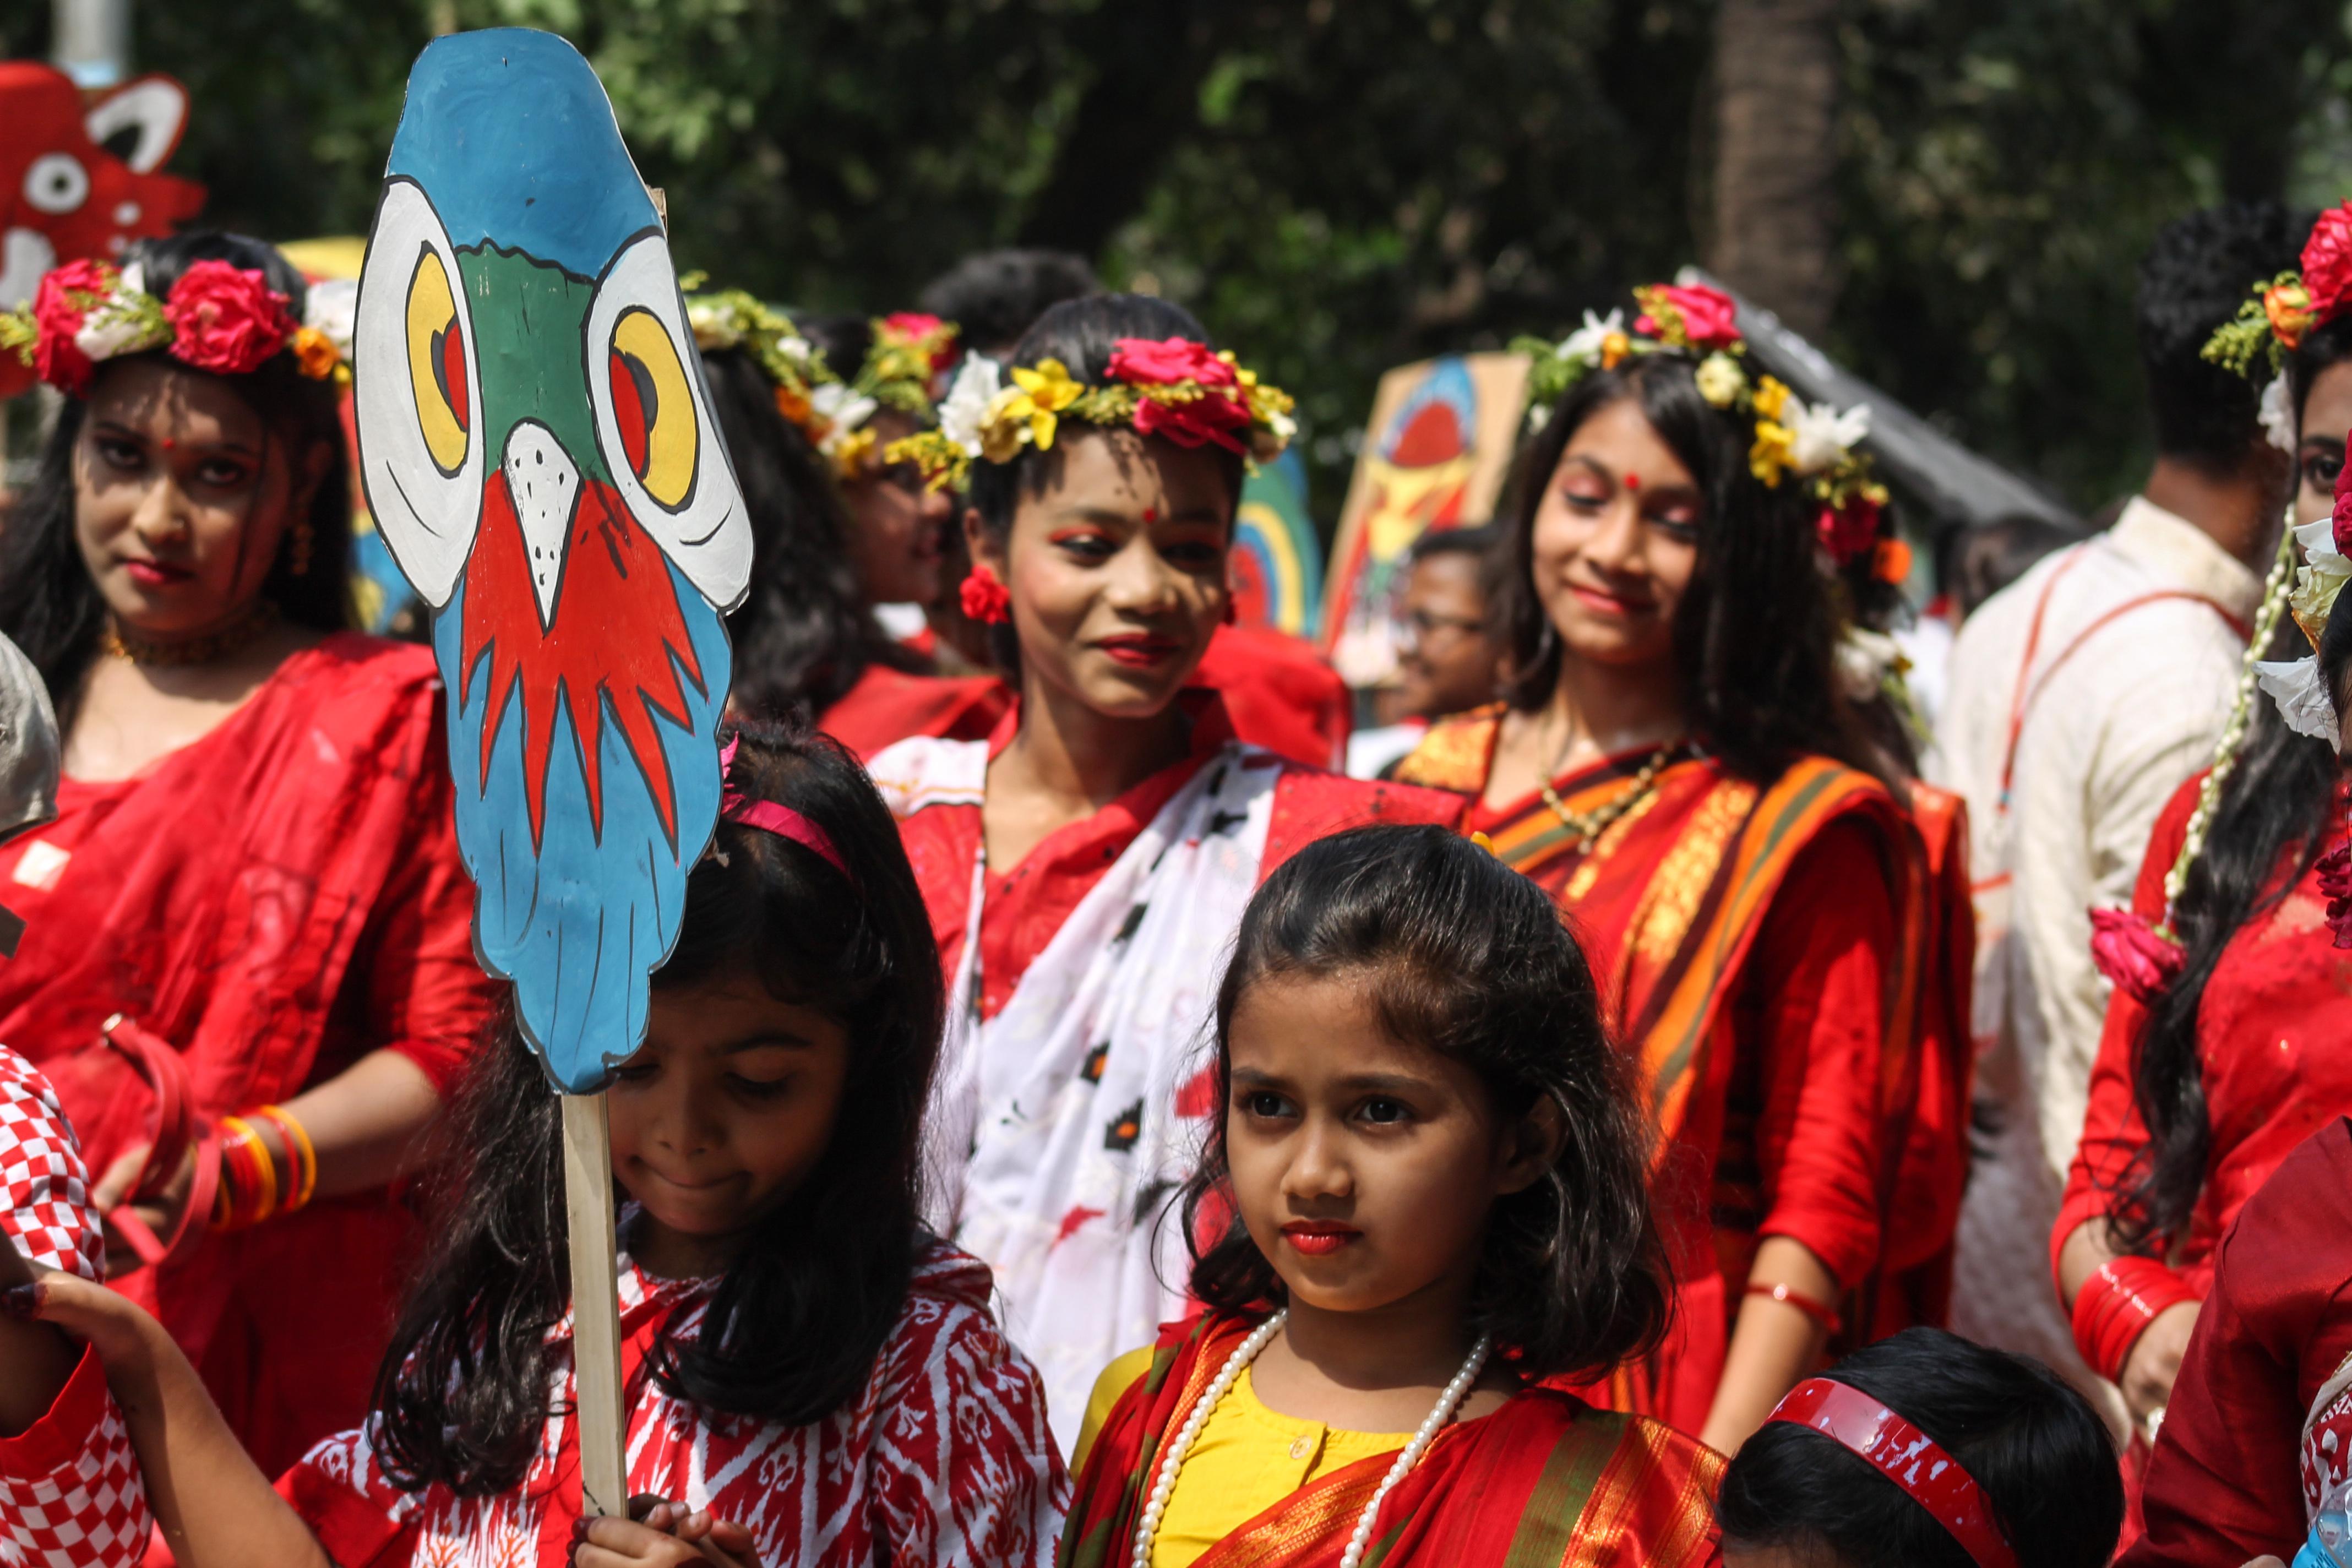 Filebangladeshi girls wearing draping sari with flower crown at original file izmirmasajfo Gallery